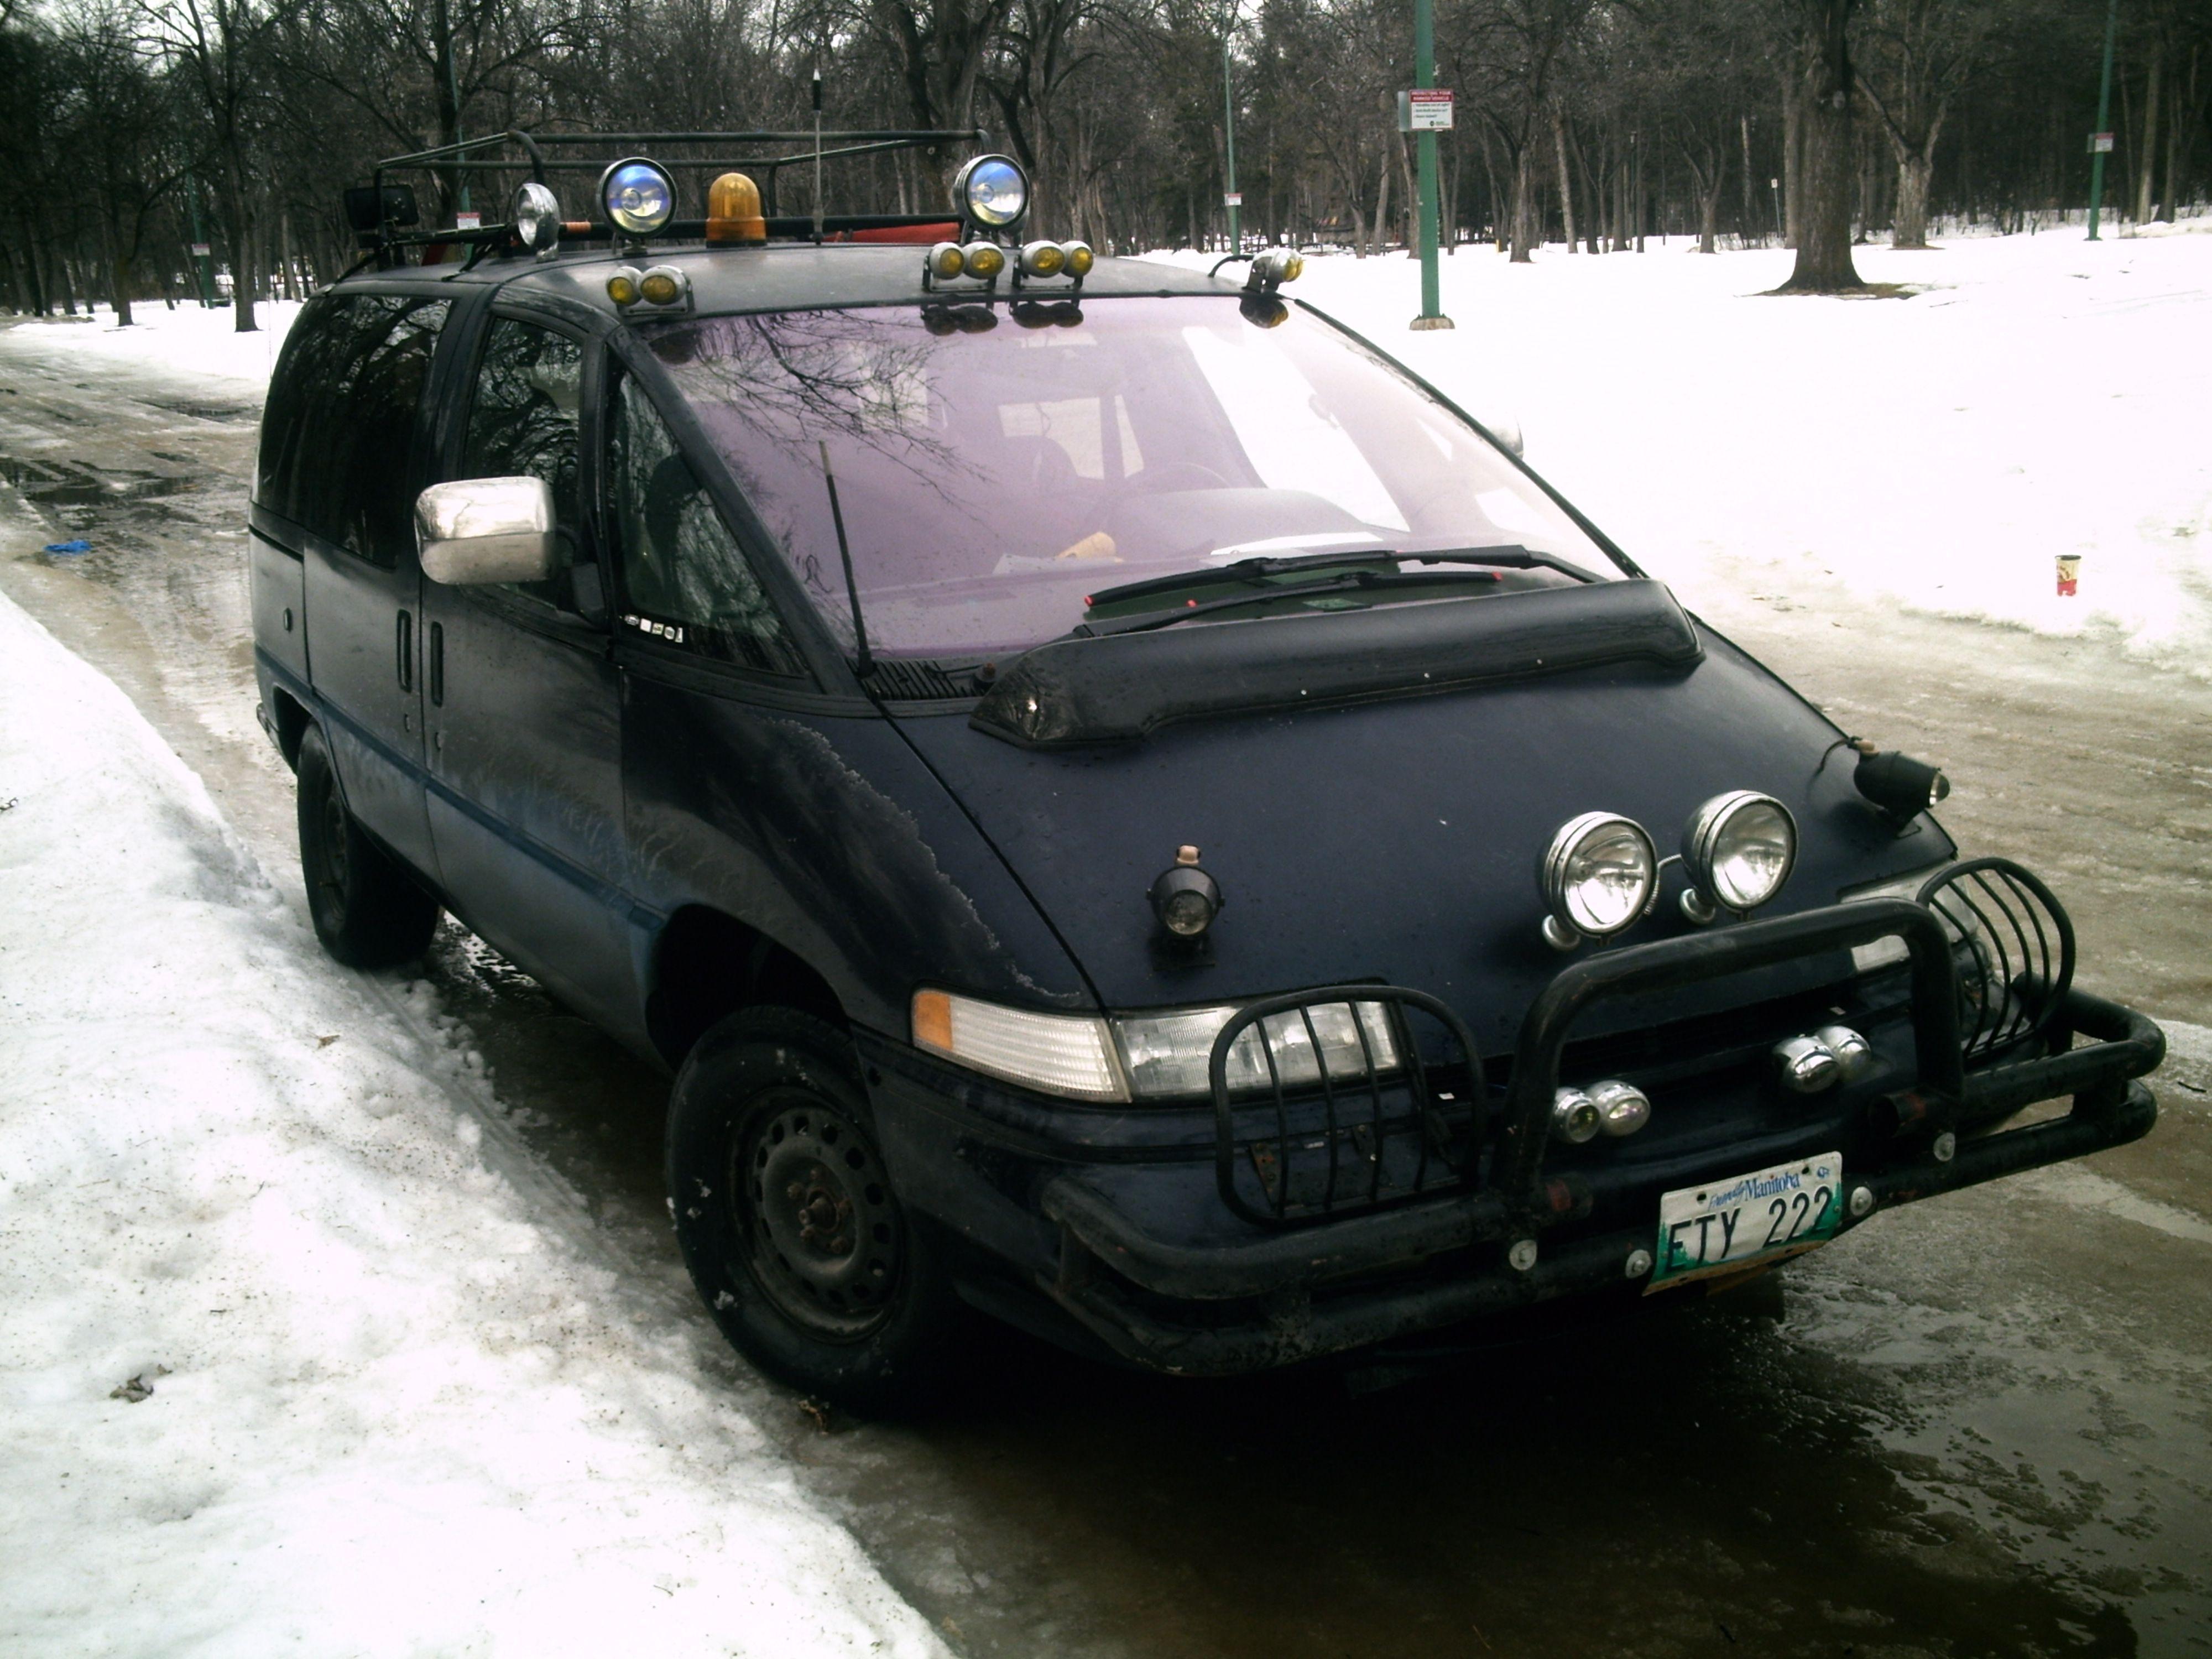 Aladdin52 1990 Chevrolet Lumina Apv 13487287 Chevrolet Lumina Chevrolet Photo